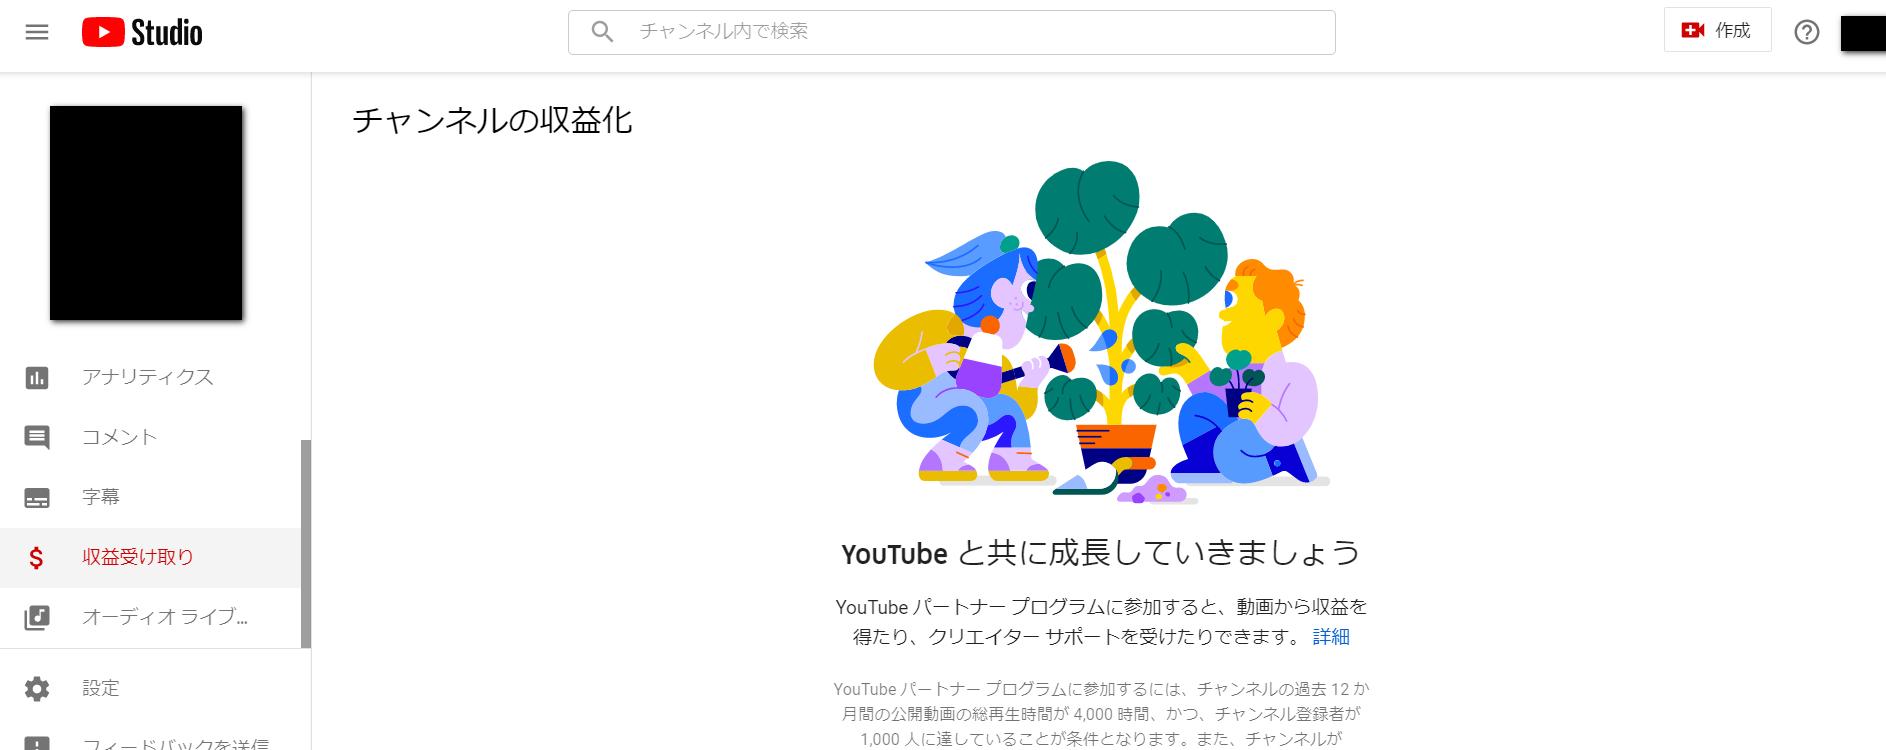 確認 者 youtube 登録 チャンネル